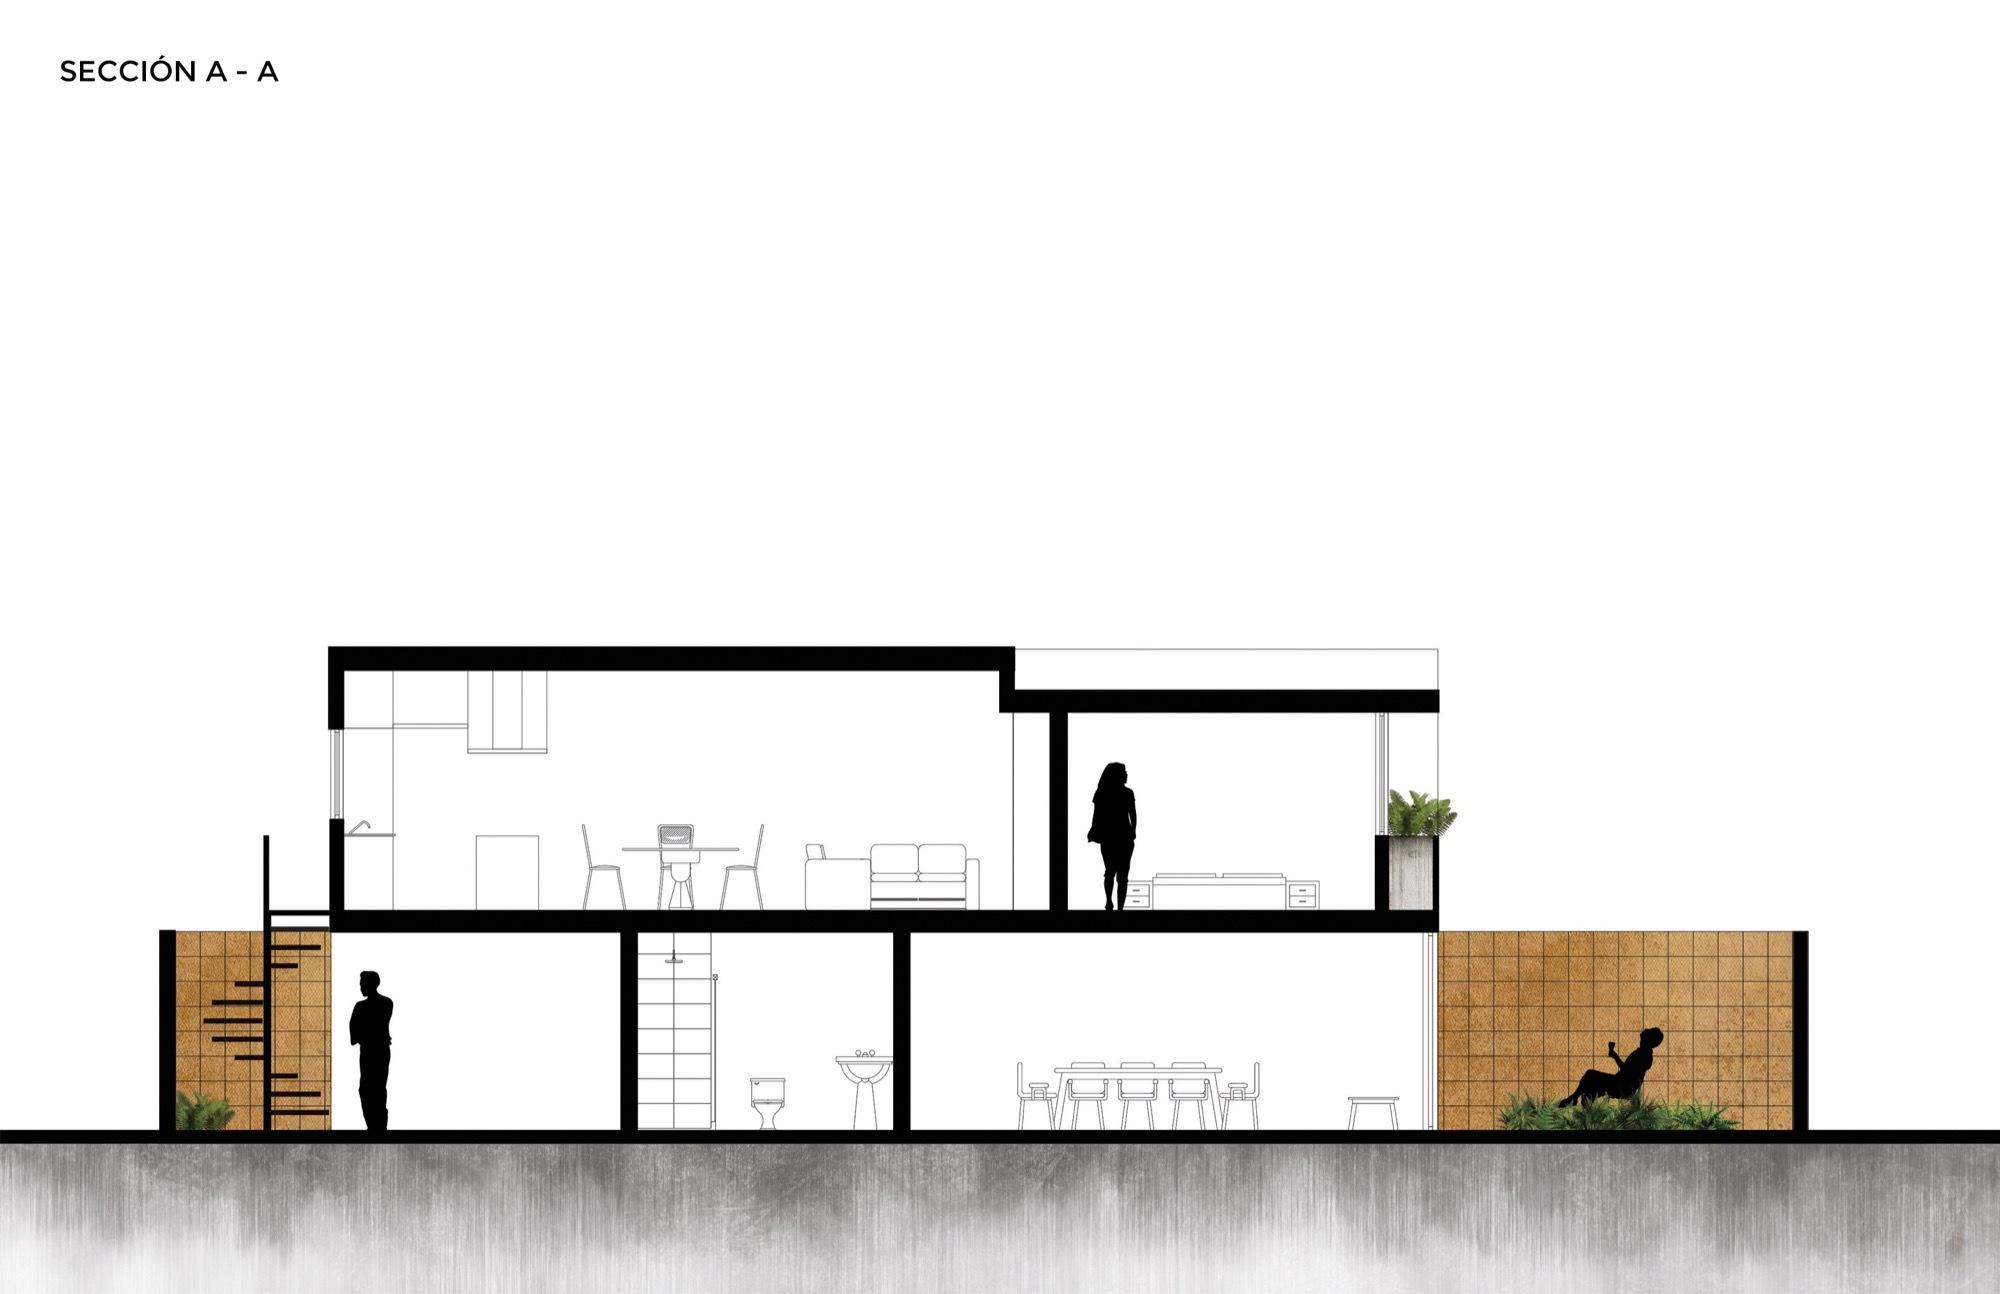 Gallery of casa estudio intersticial arquitectura 17 for Casa estudio arquitectura